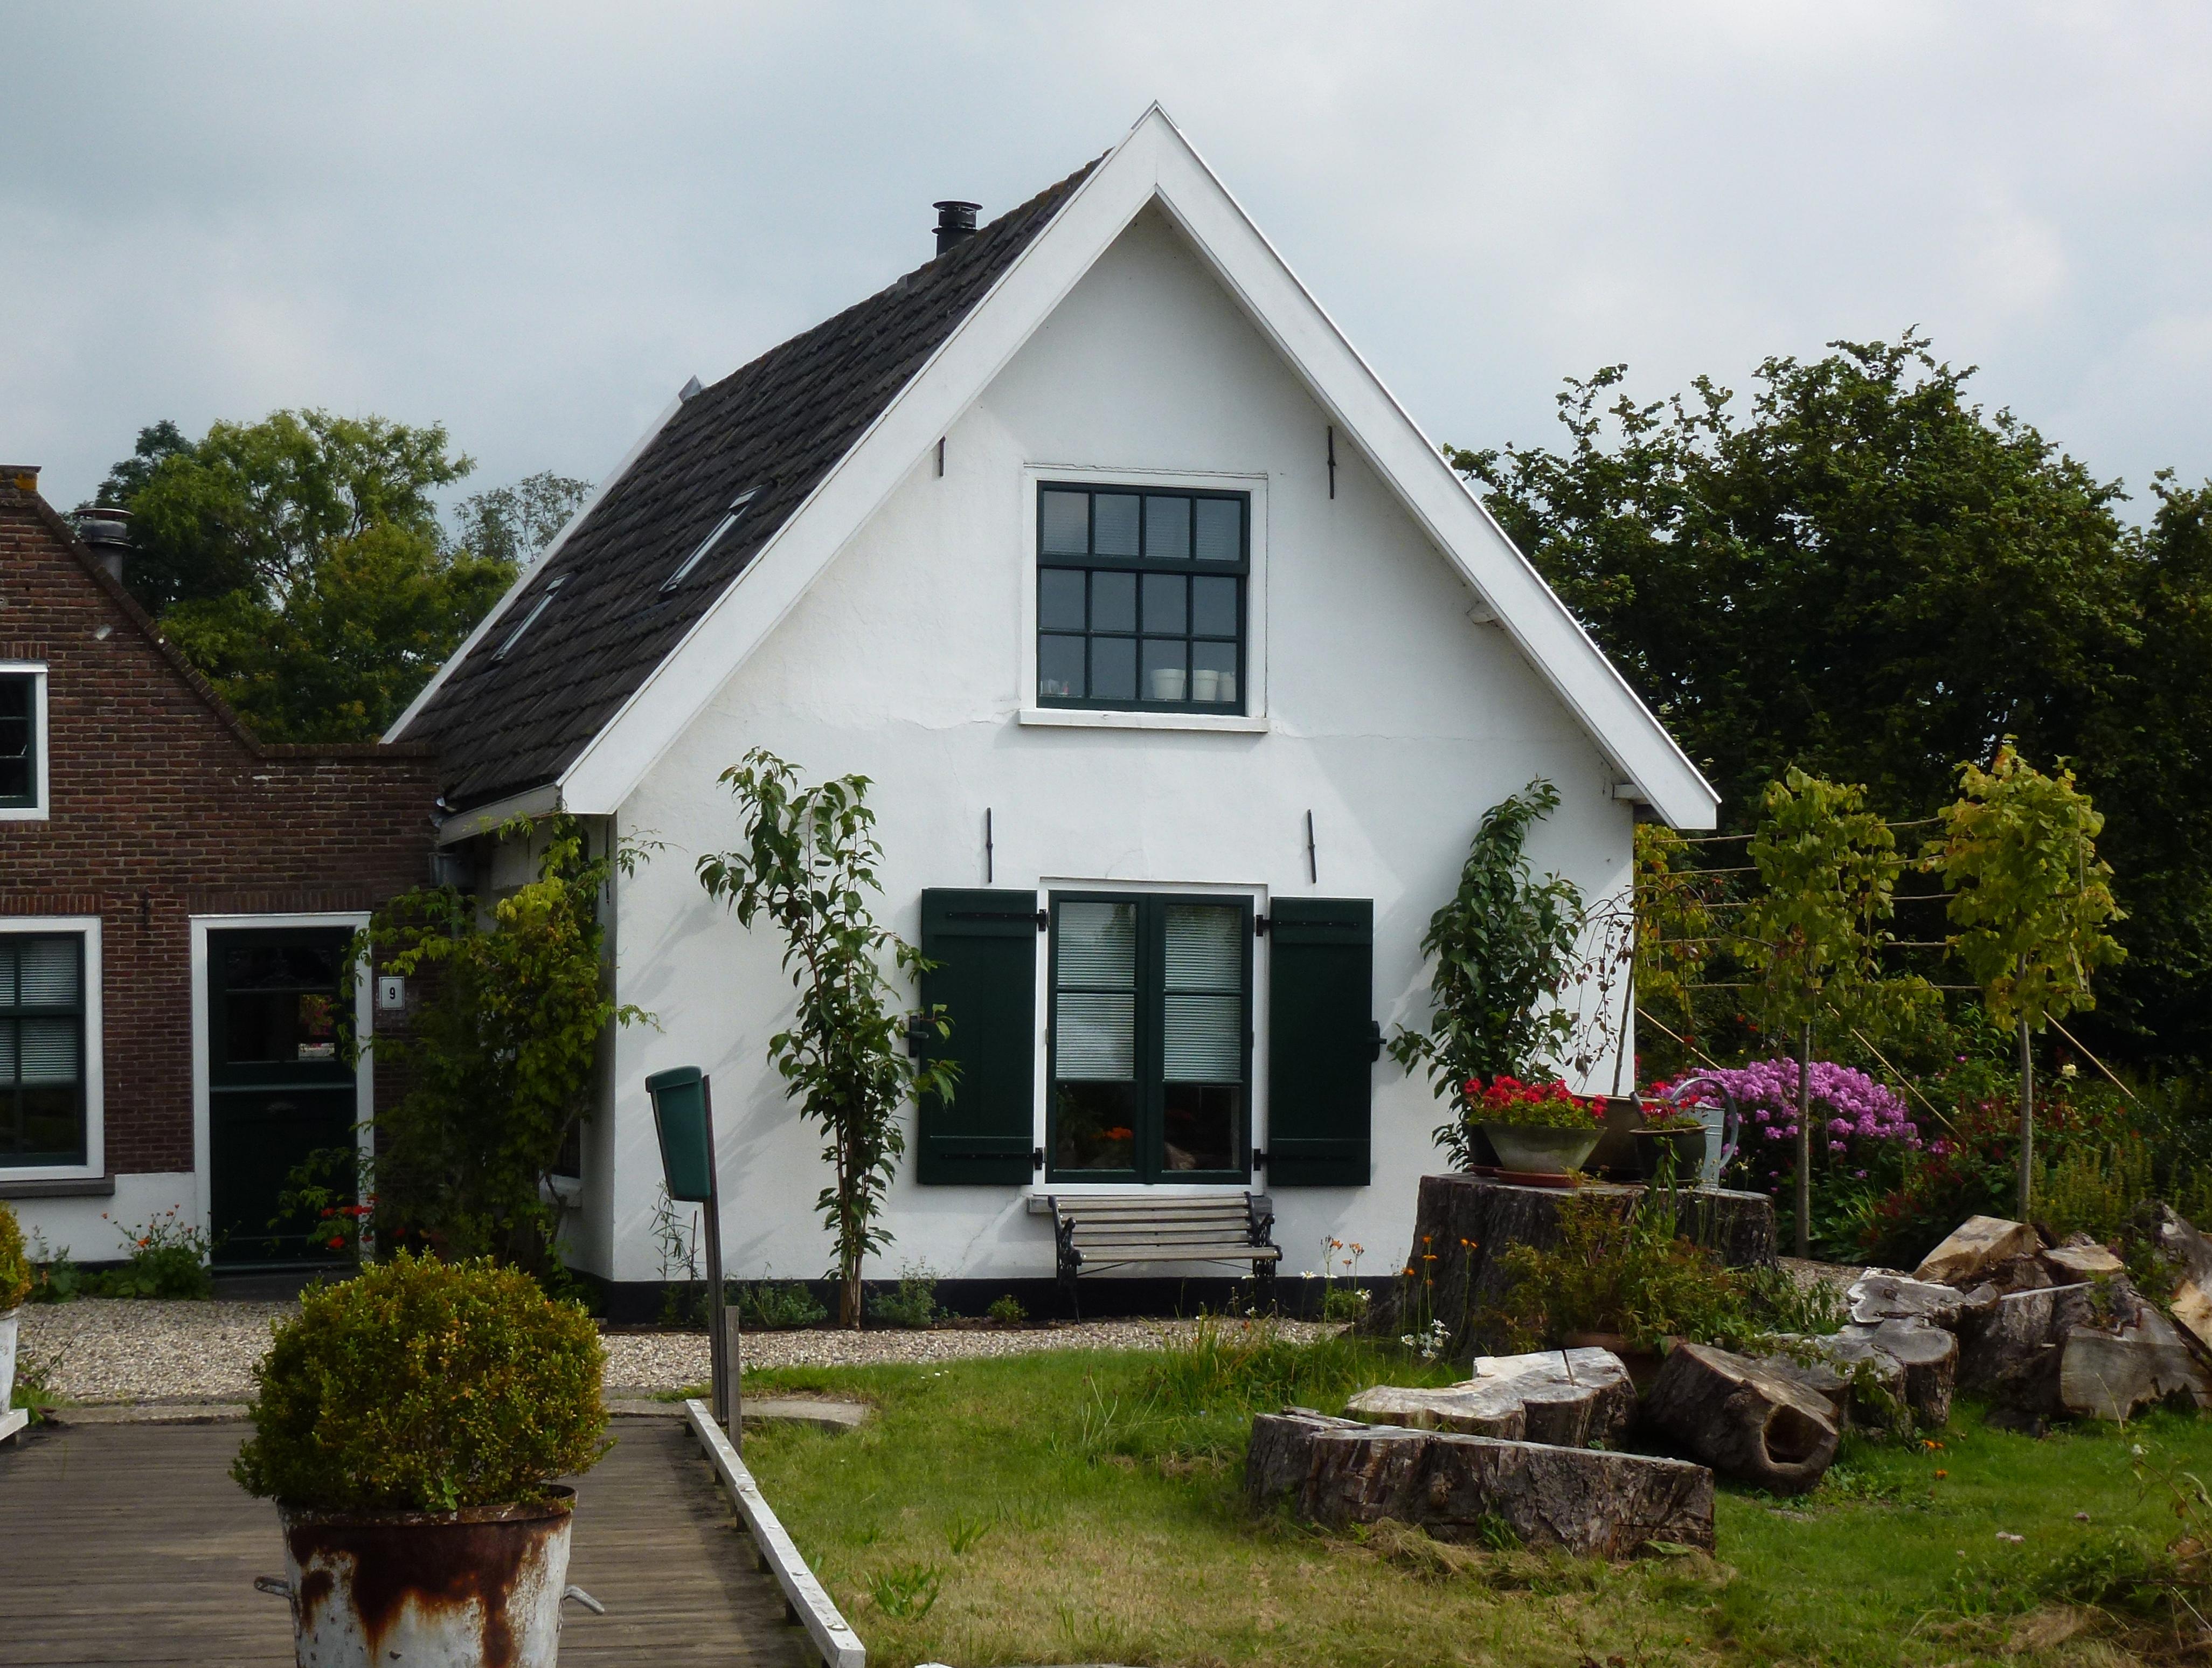 File gepleisterd huis 39 s gravenbroekseweg 9 vooraanzicht reeuwijk zuid - Huis bourgeois huis ...